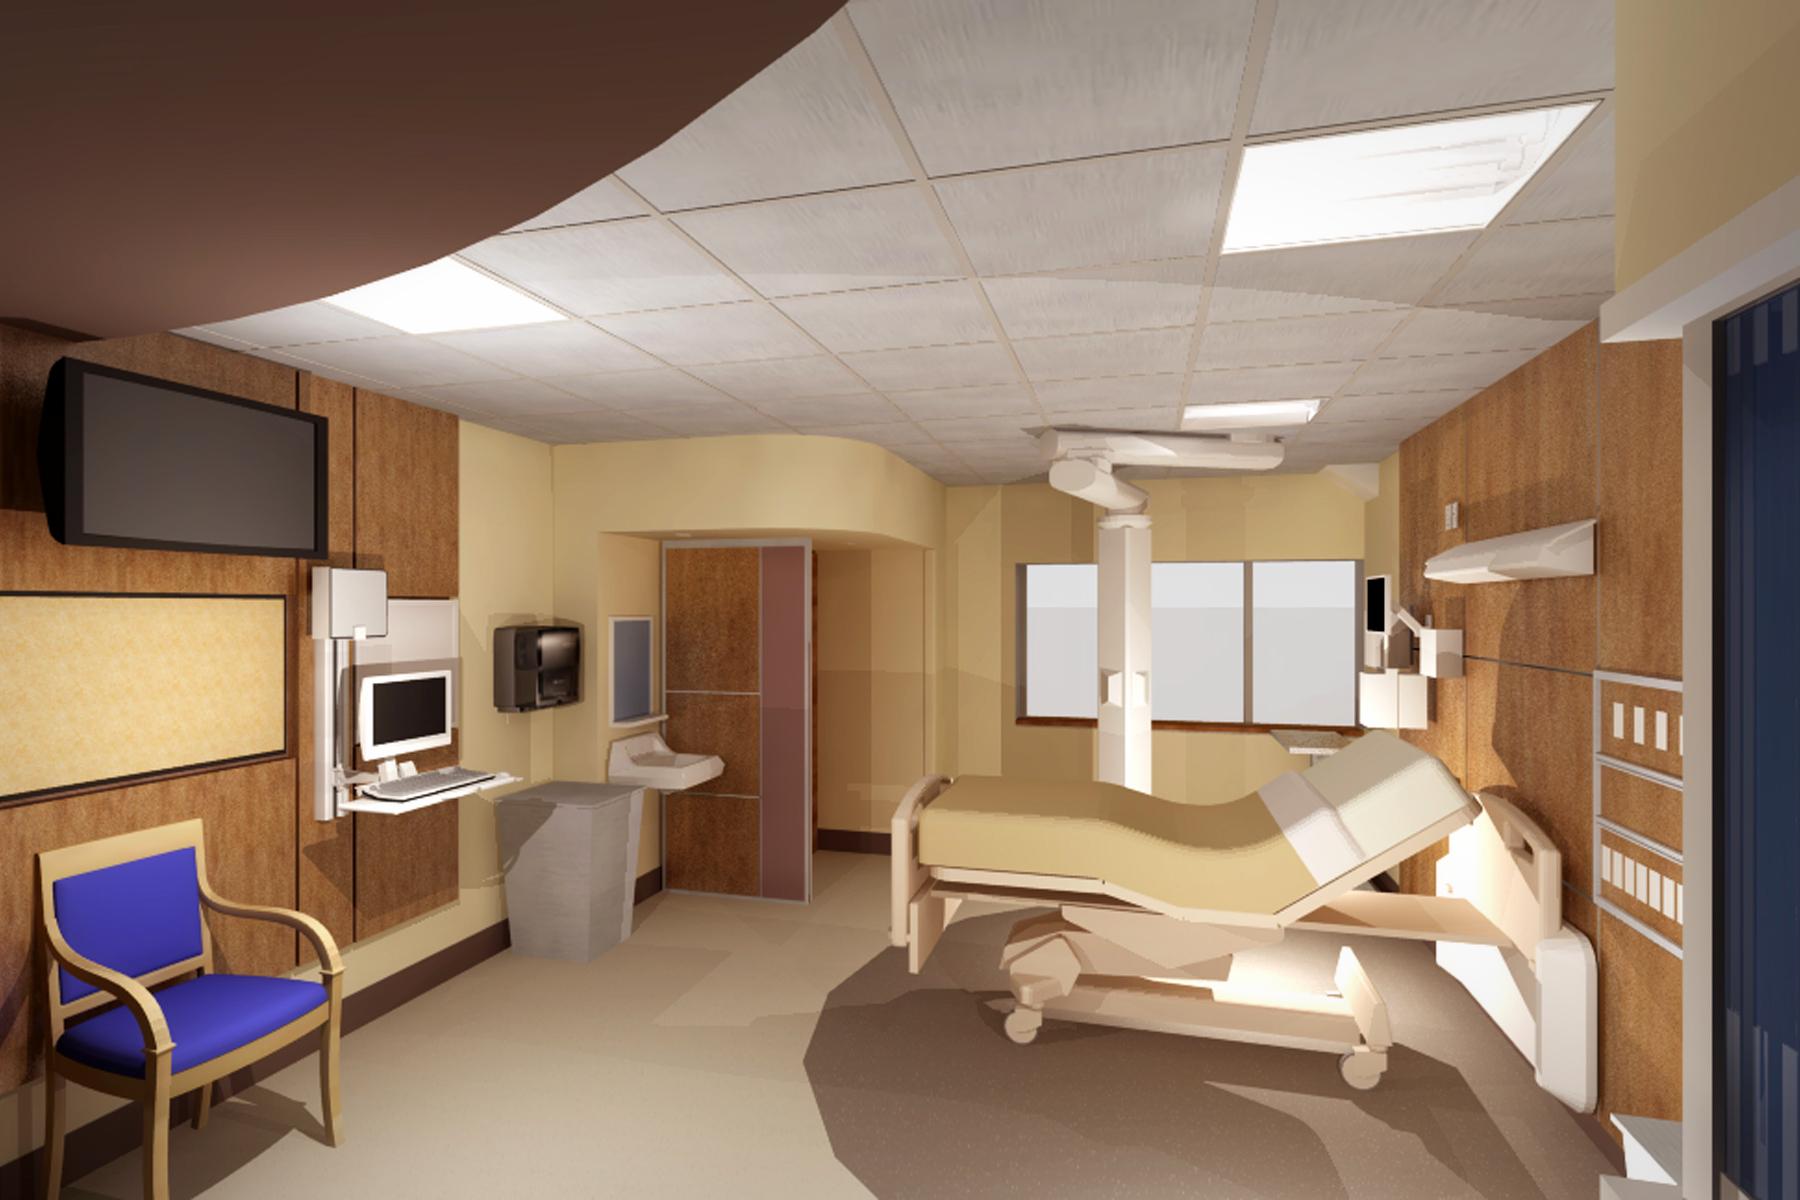 VA 4th Floor MICU/CCU Remodel (2013)